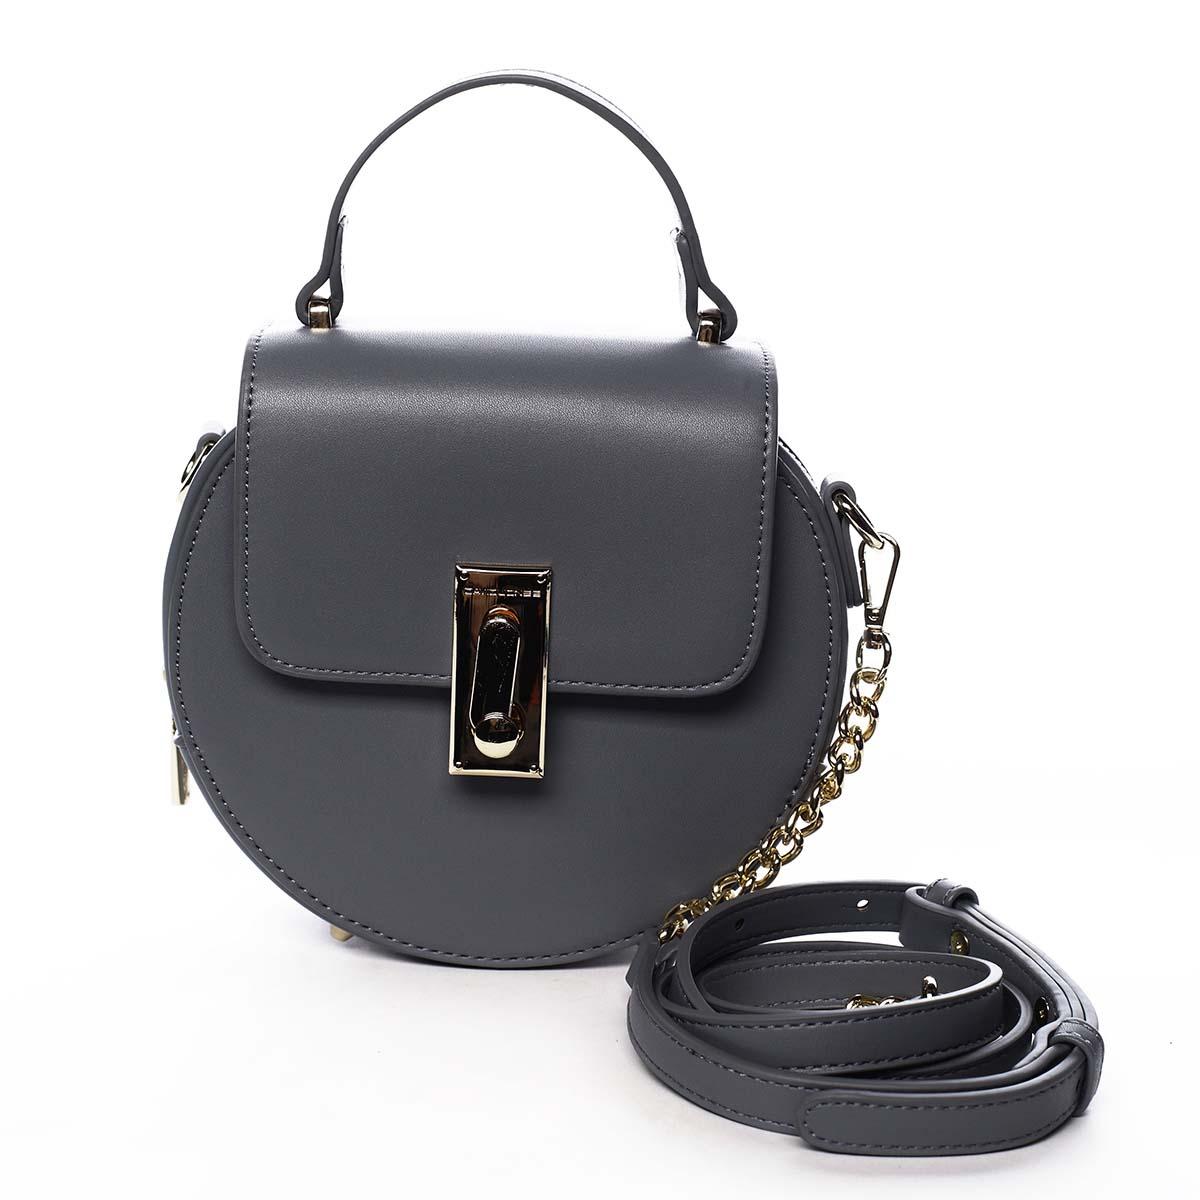 Luxusní dámská kabelka bledě modrá - David Jones Magnify modrá